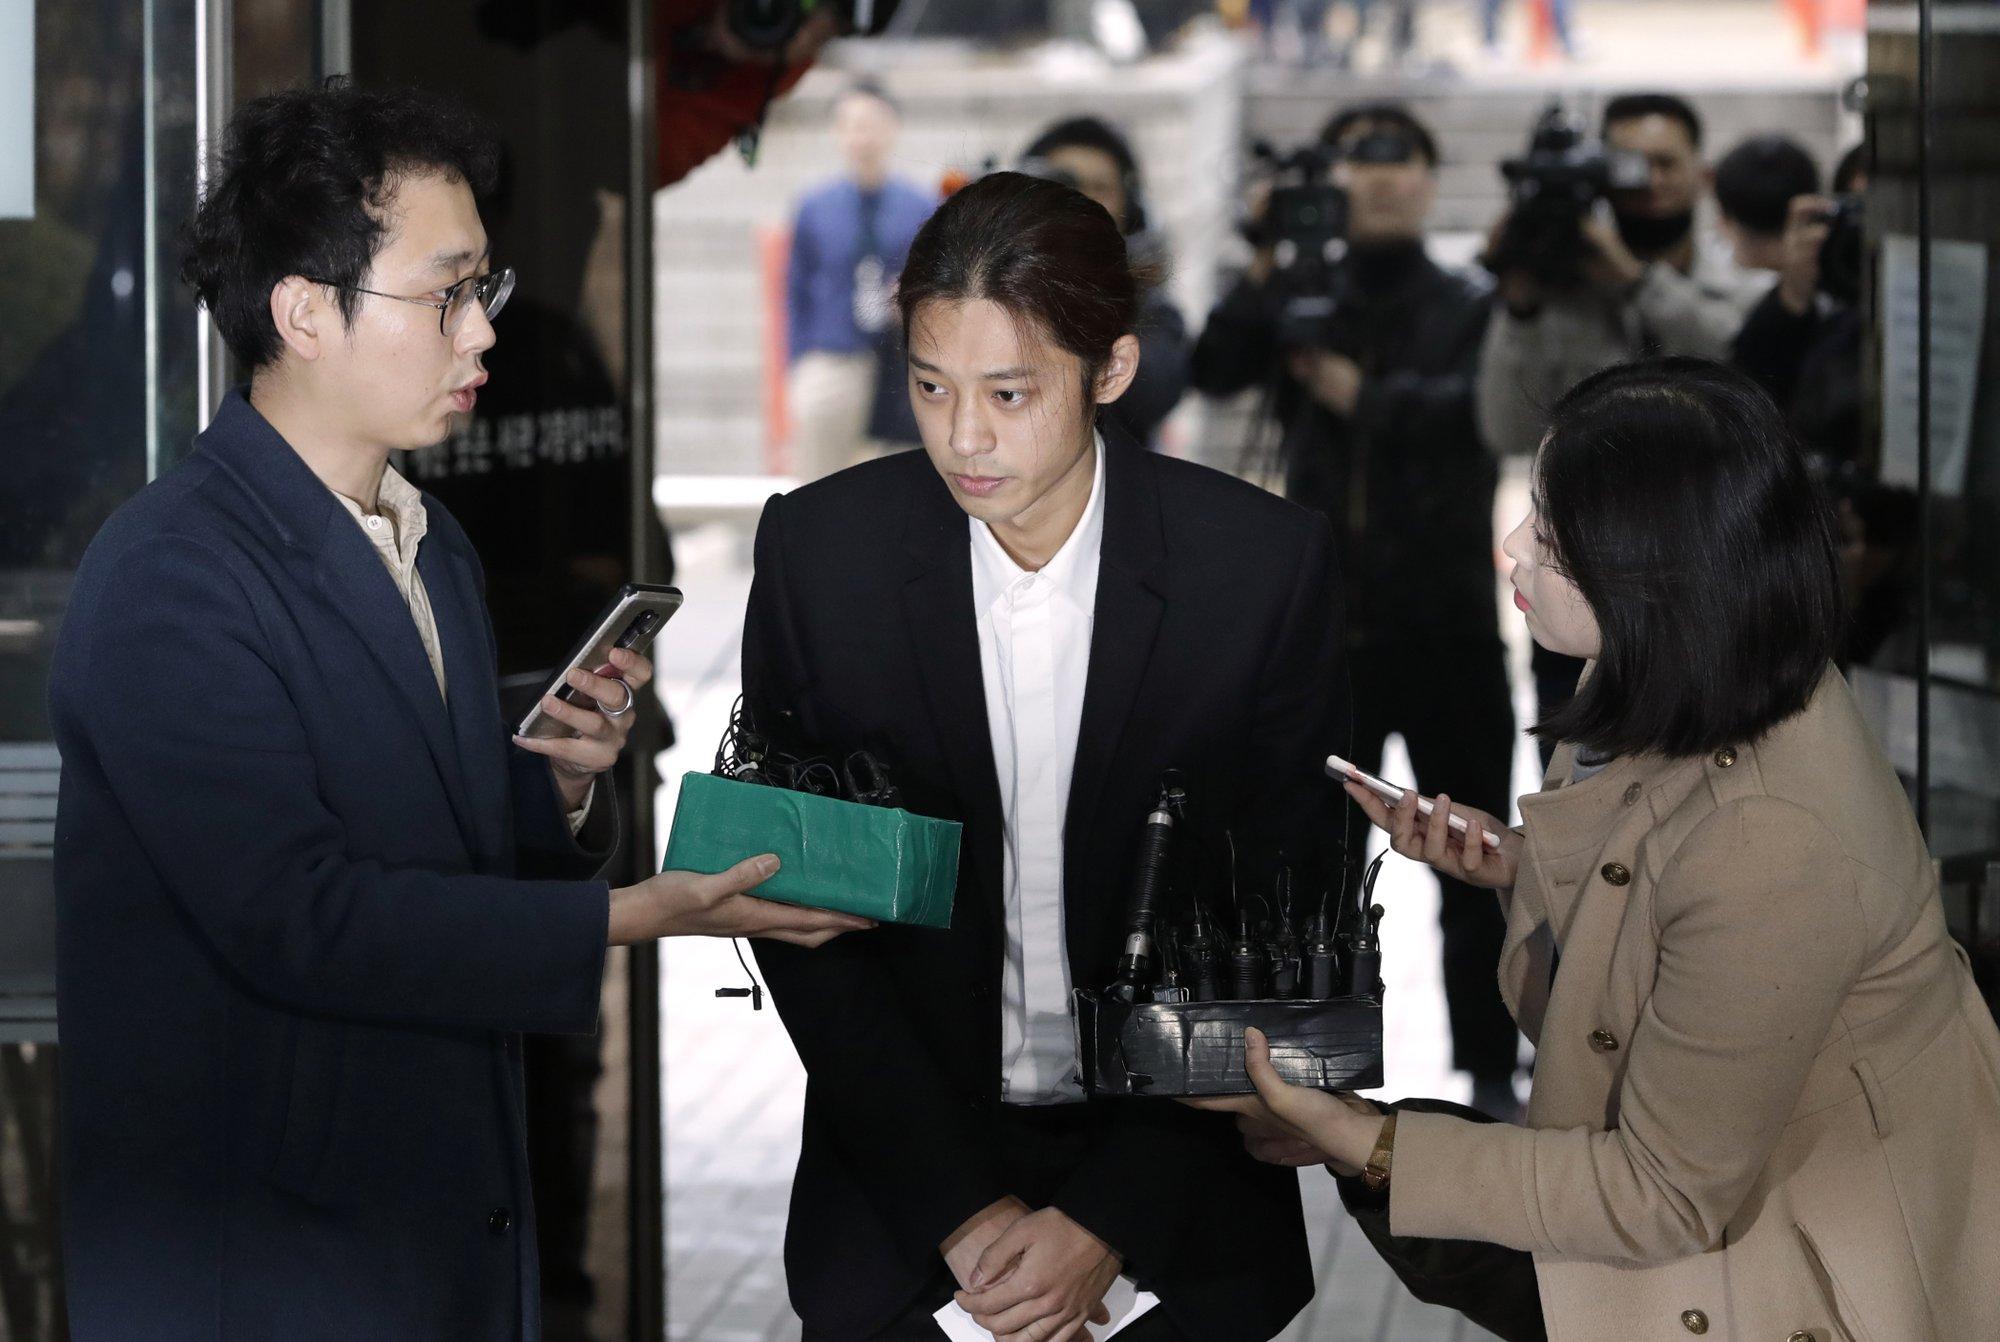 jung joon young tiếp nhận điều tra tại sở cảnh sát